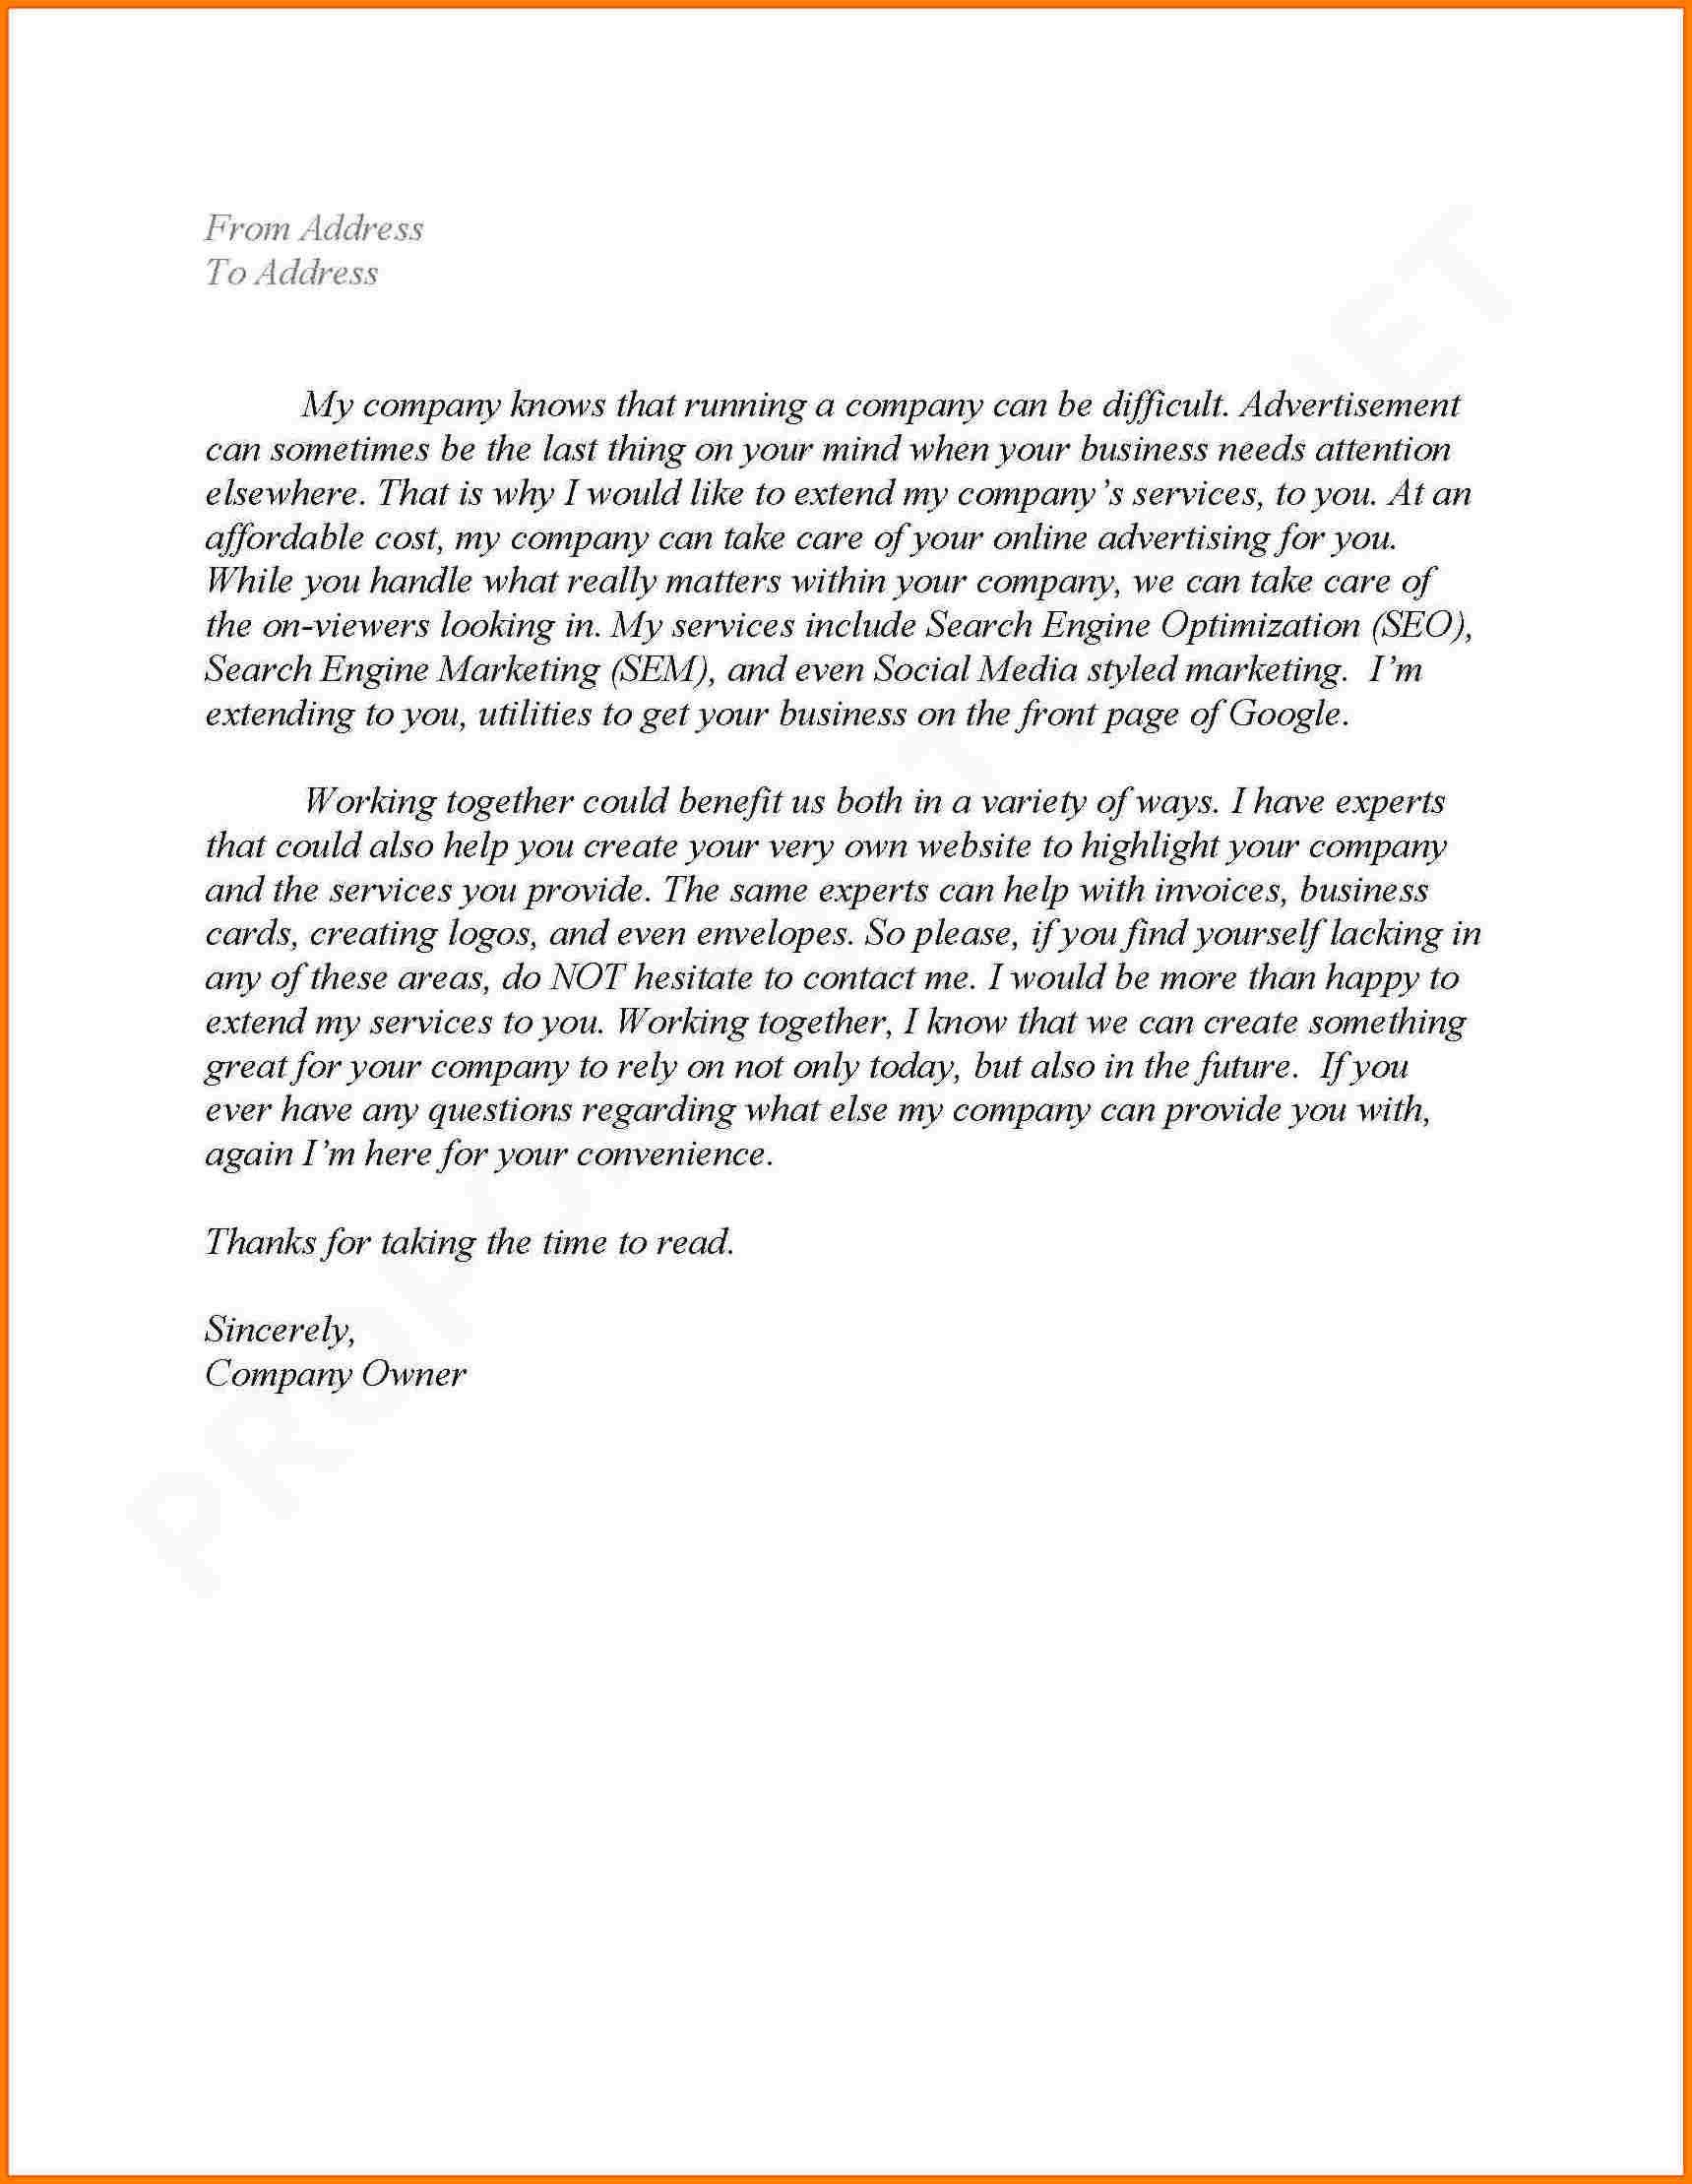 Business Partnership Proposal Letter  – Elsik Blue Cetane With Regard To Business Partnership Proposal Letter Template